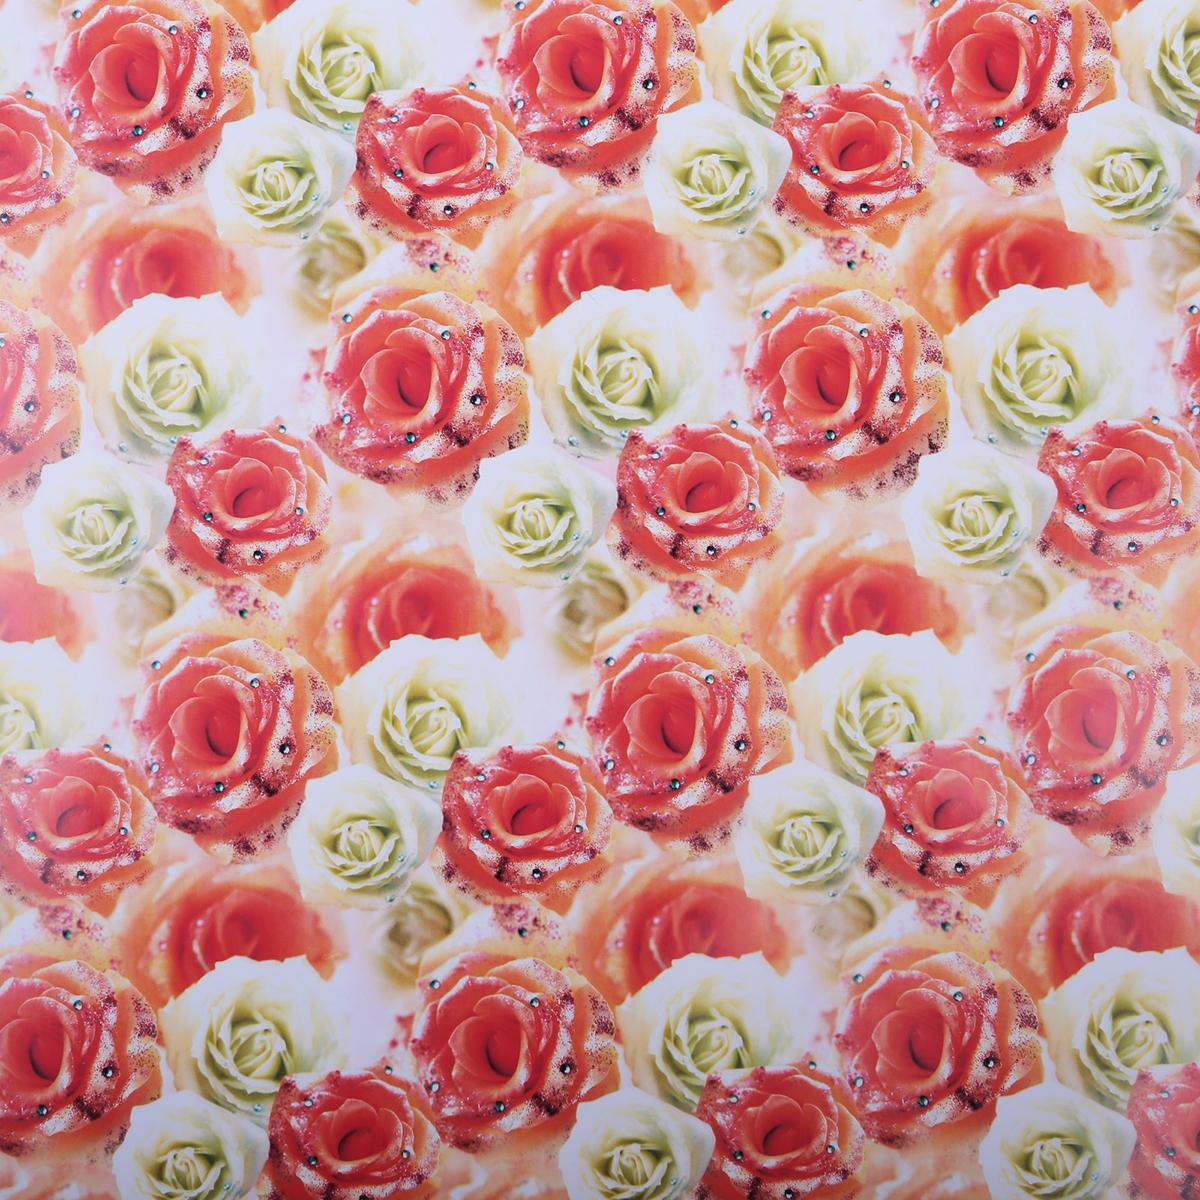 Бумага упаковочная Белые и чайные розы, 70 х 100 см. 820793820793Любой подарок начинается с упаковки. Что может быть трогательнее и волшебнее, чем ритуал разворачивания полученного презента. И именно оригинальная, со вкусом выбранная упаковка выделит ваш подарок из массы других. Она продемонстрирует самые тёплые чувства к виновнику торжества и создаст сказочную атмосферу праздника. Бумага упаковочная Белые и чайные розы, 70 х 100 см — это то, что вы искали.